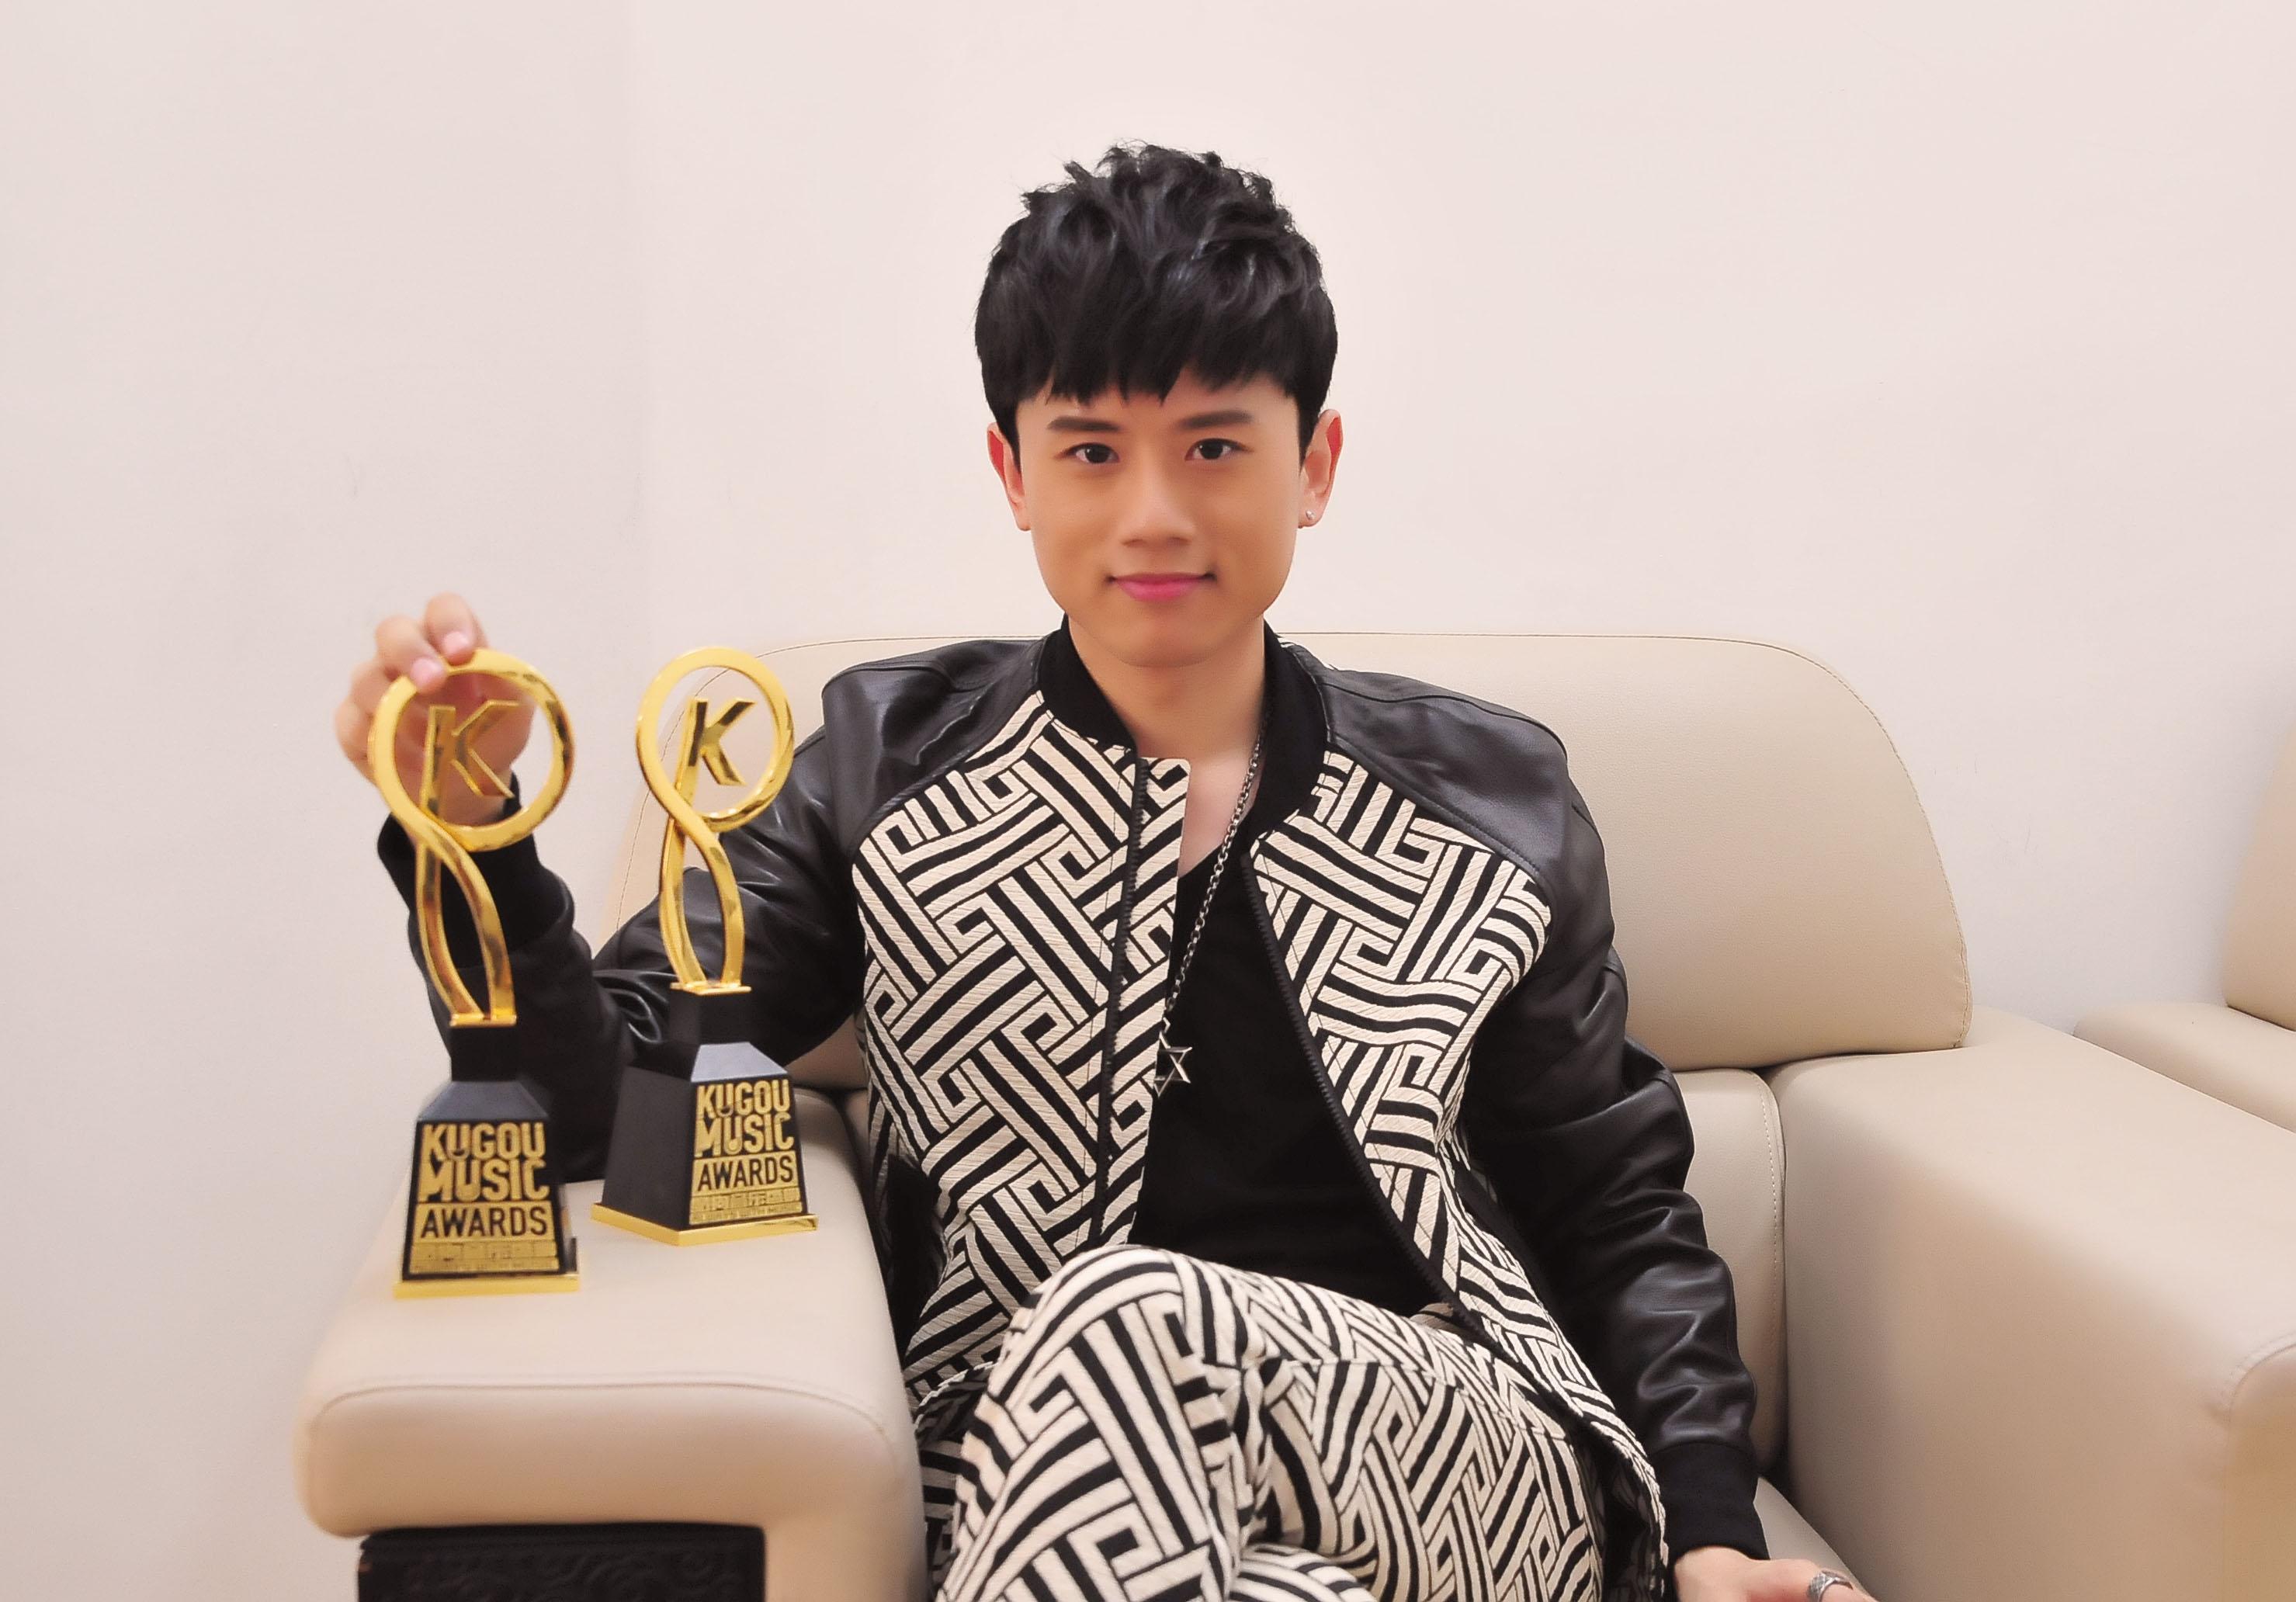 张杰收获最具含金量奖项 巡回演唱会即将启动_娱乐频道_红网